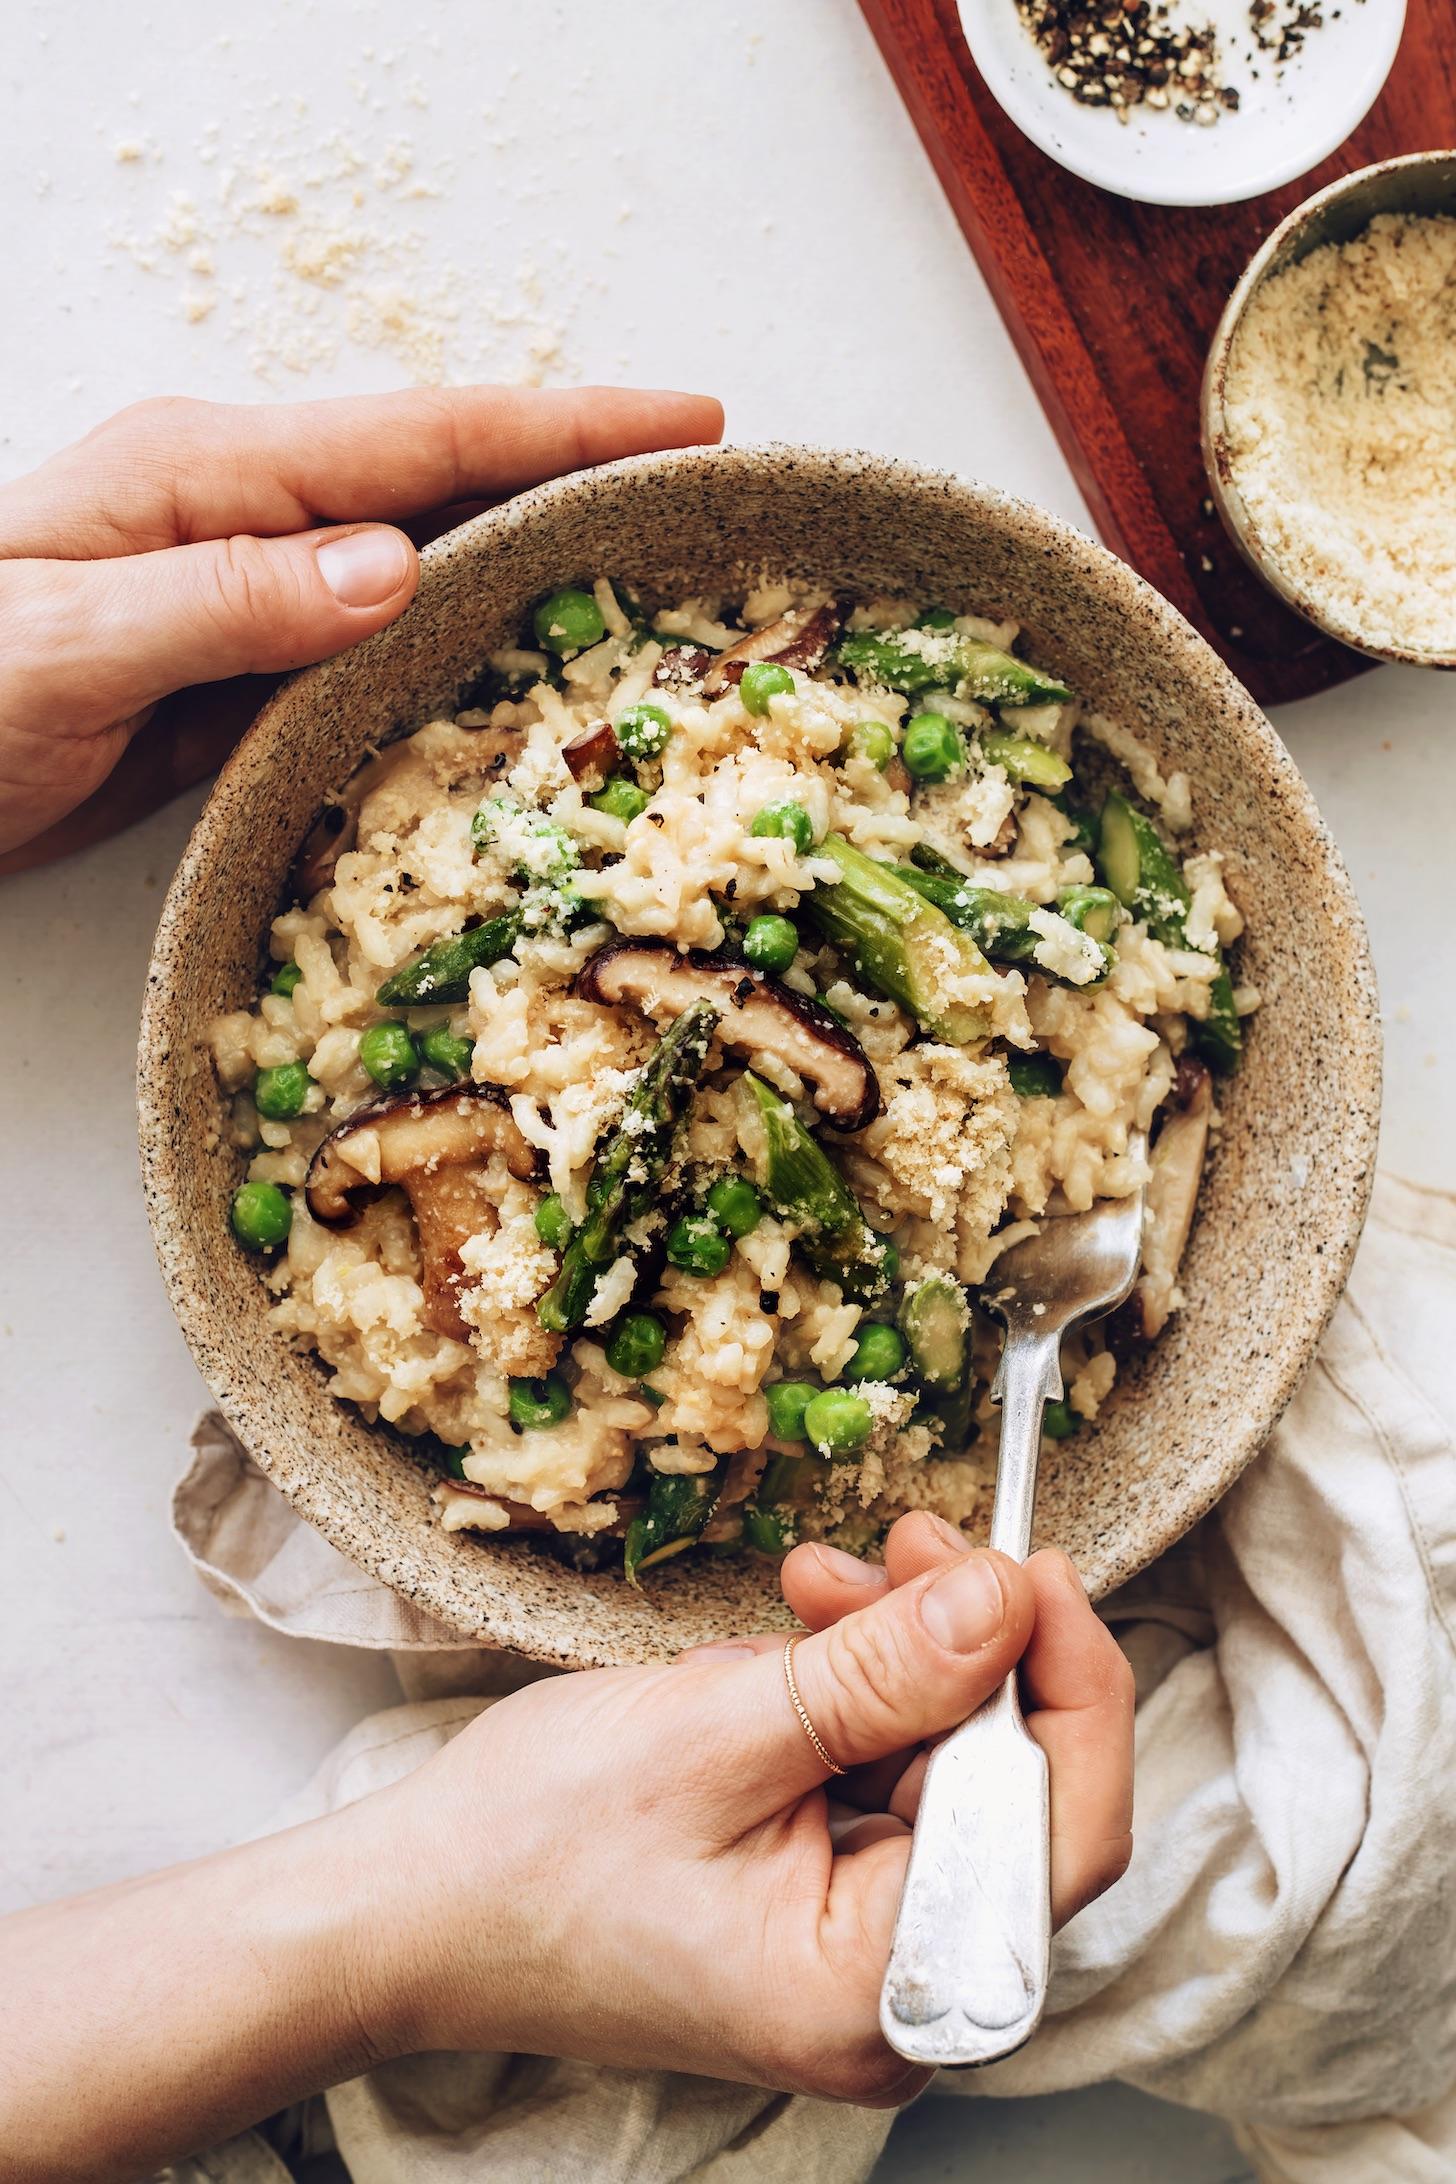 Tál tavaszi zöldséges rizottóval, vegán parmezánnal és misóval ízesítve